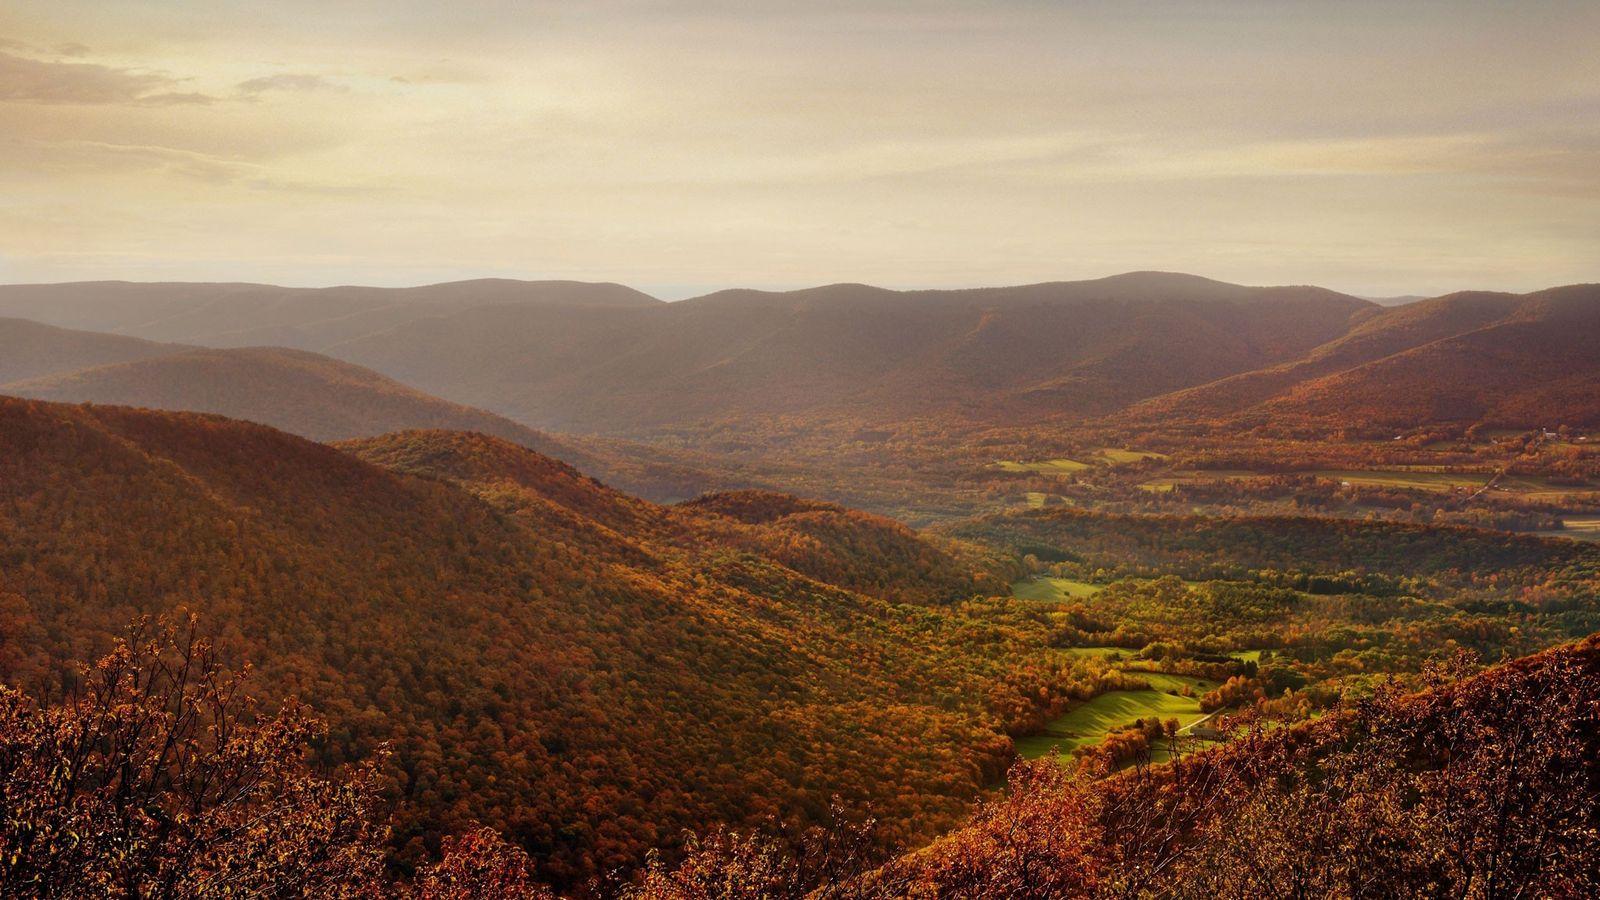 Bunte Wälder zieren die Landschaft der Berkshires im Westen von Massachusetts.